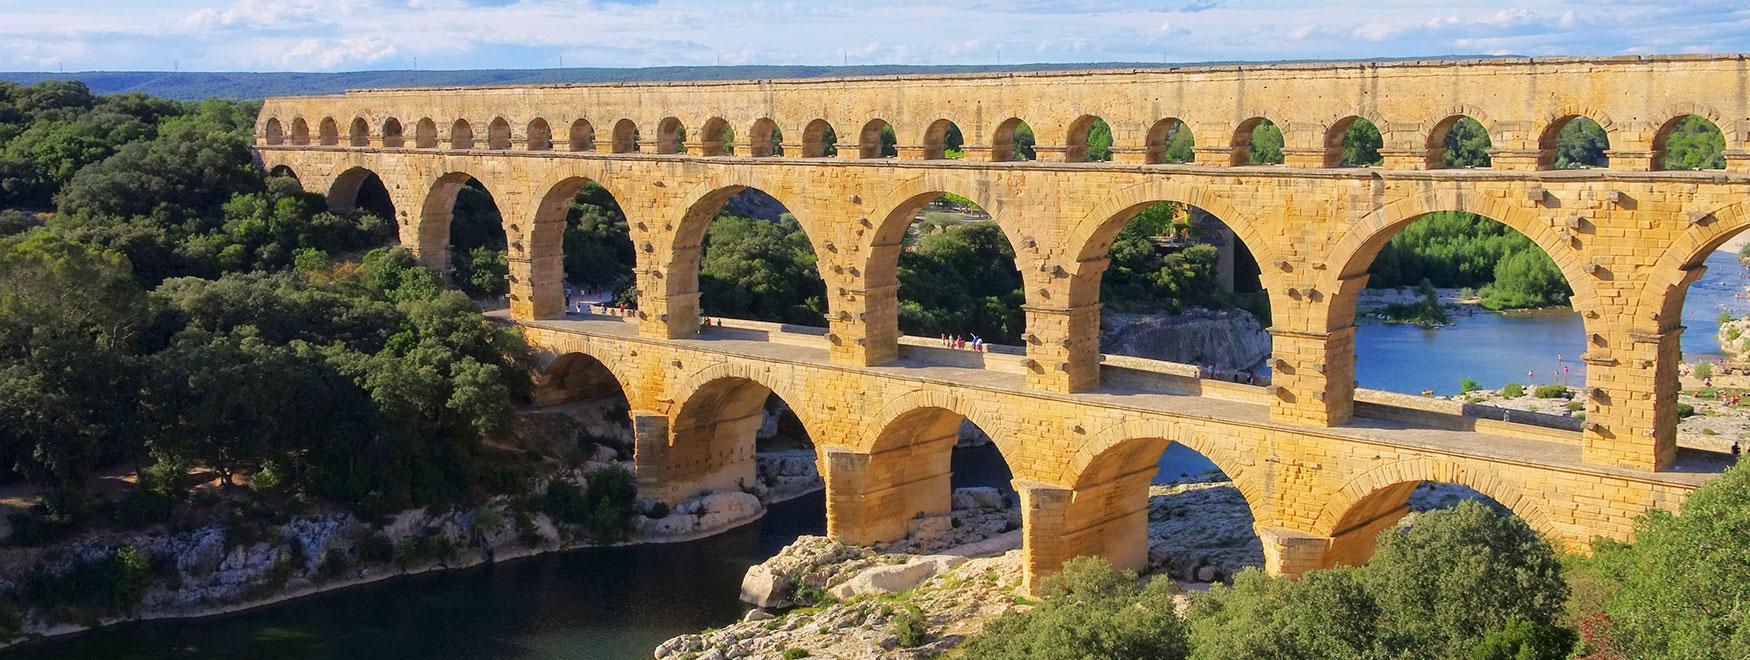 Excursion Uzès, Pont du Gard et Avignon